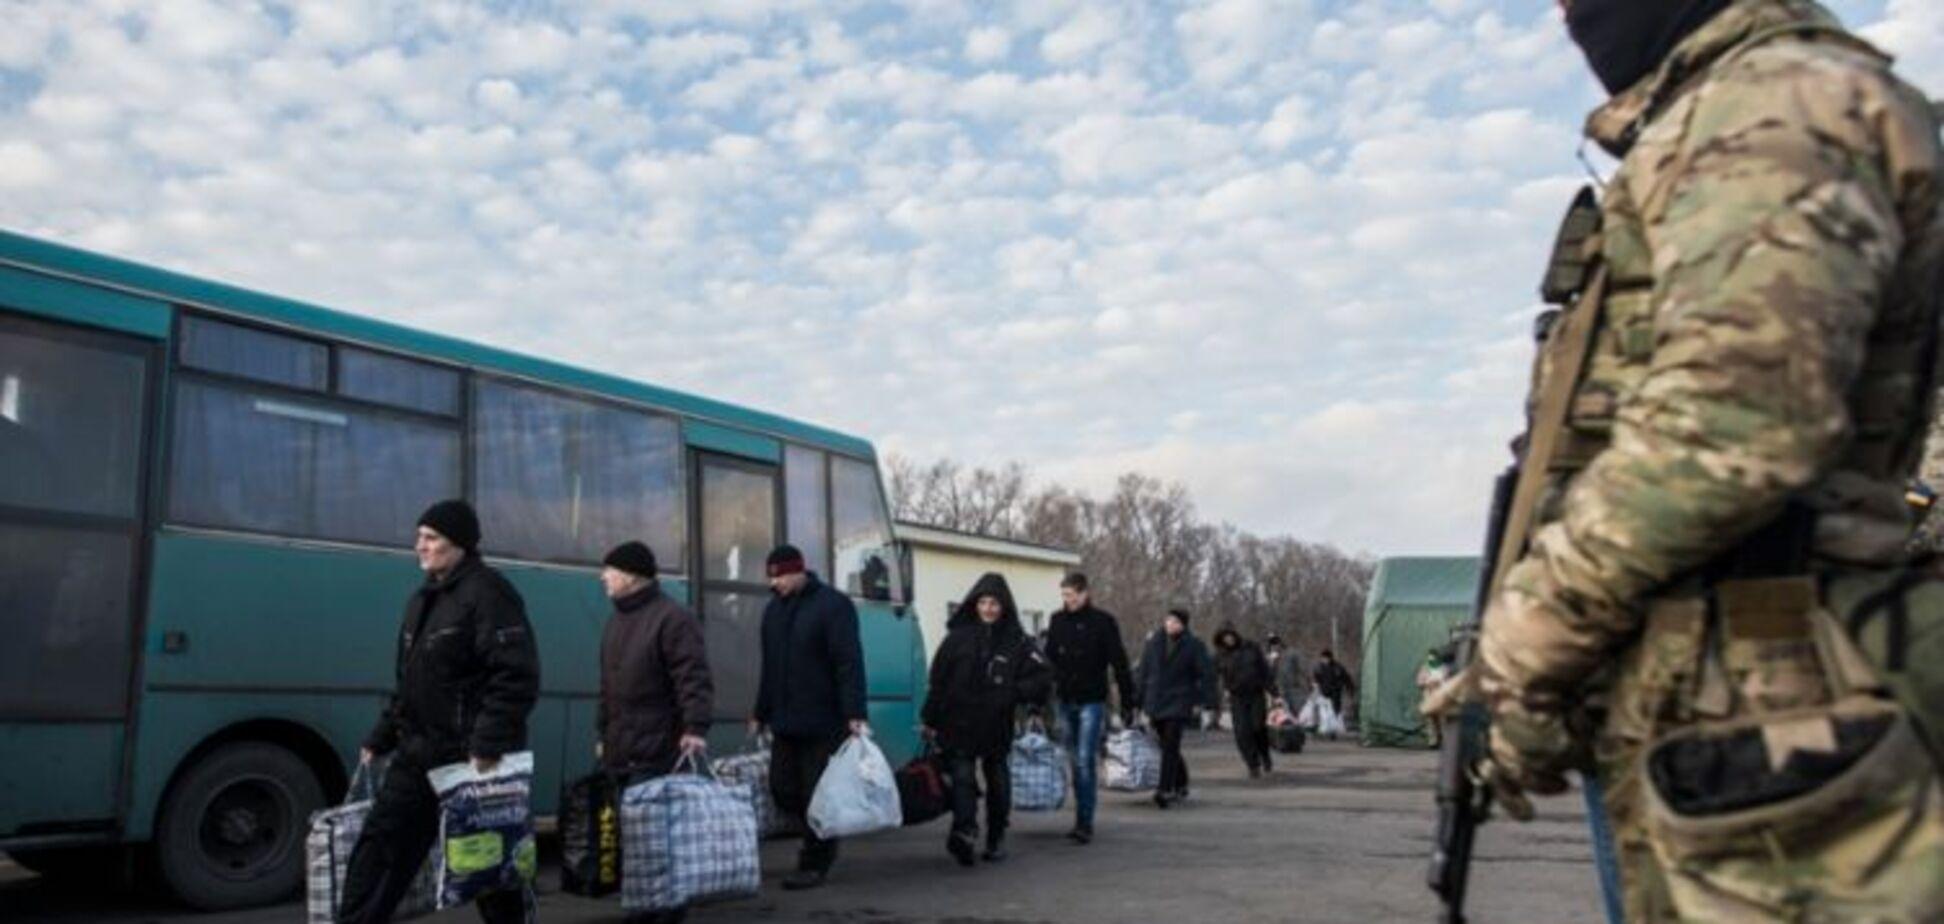 Обмен пленными: в 'ДНР' заявили о 'подставе' от СБУ